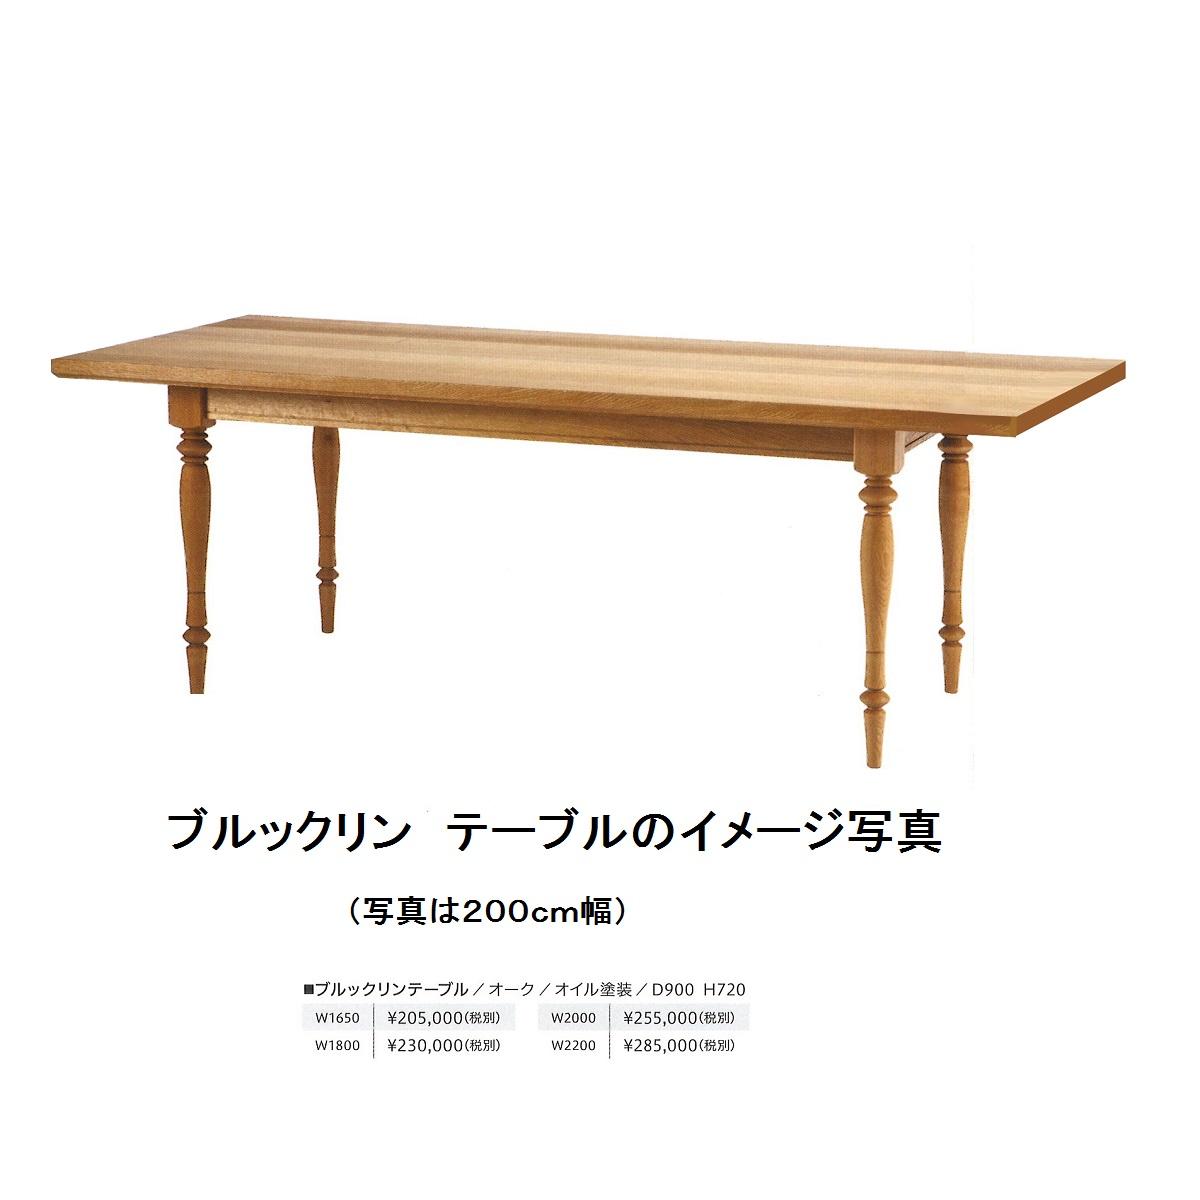 超高品質で人気の 飛騨高山 木馬舎の家具165cm幅 飛騨高山 ブルックリンテーブル 素材はオーク無垢大きさが4タイプから選べます。オイル塗装受注生産になっております。送料無料(沖縄・北海道・離島は除く), 1133shitagi亭:3c48f361 --- dpedrov.com.pt